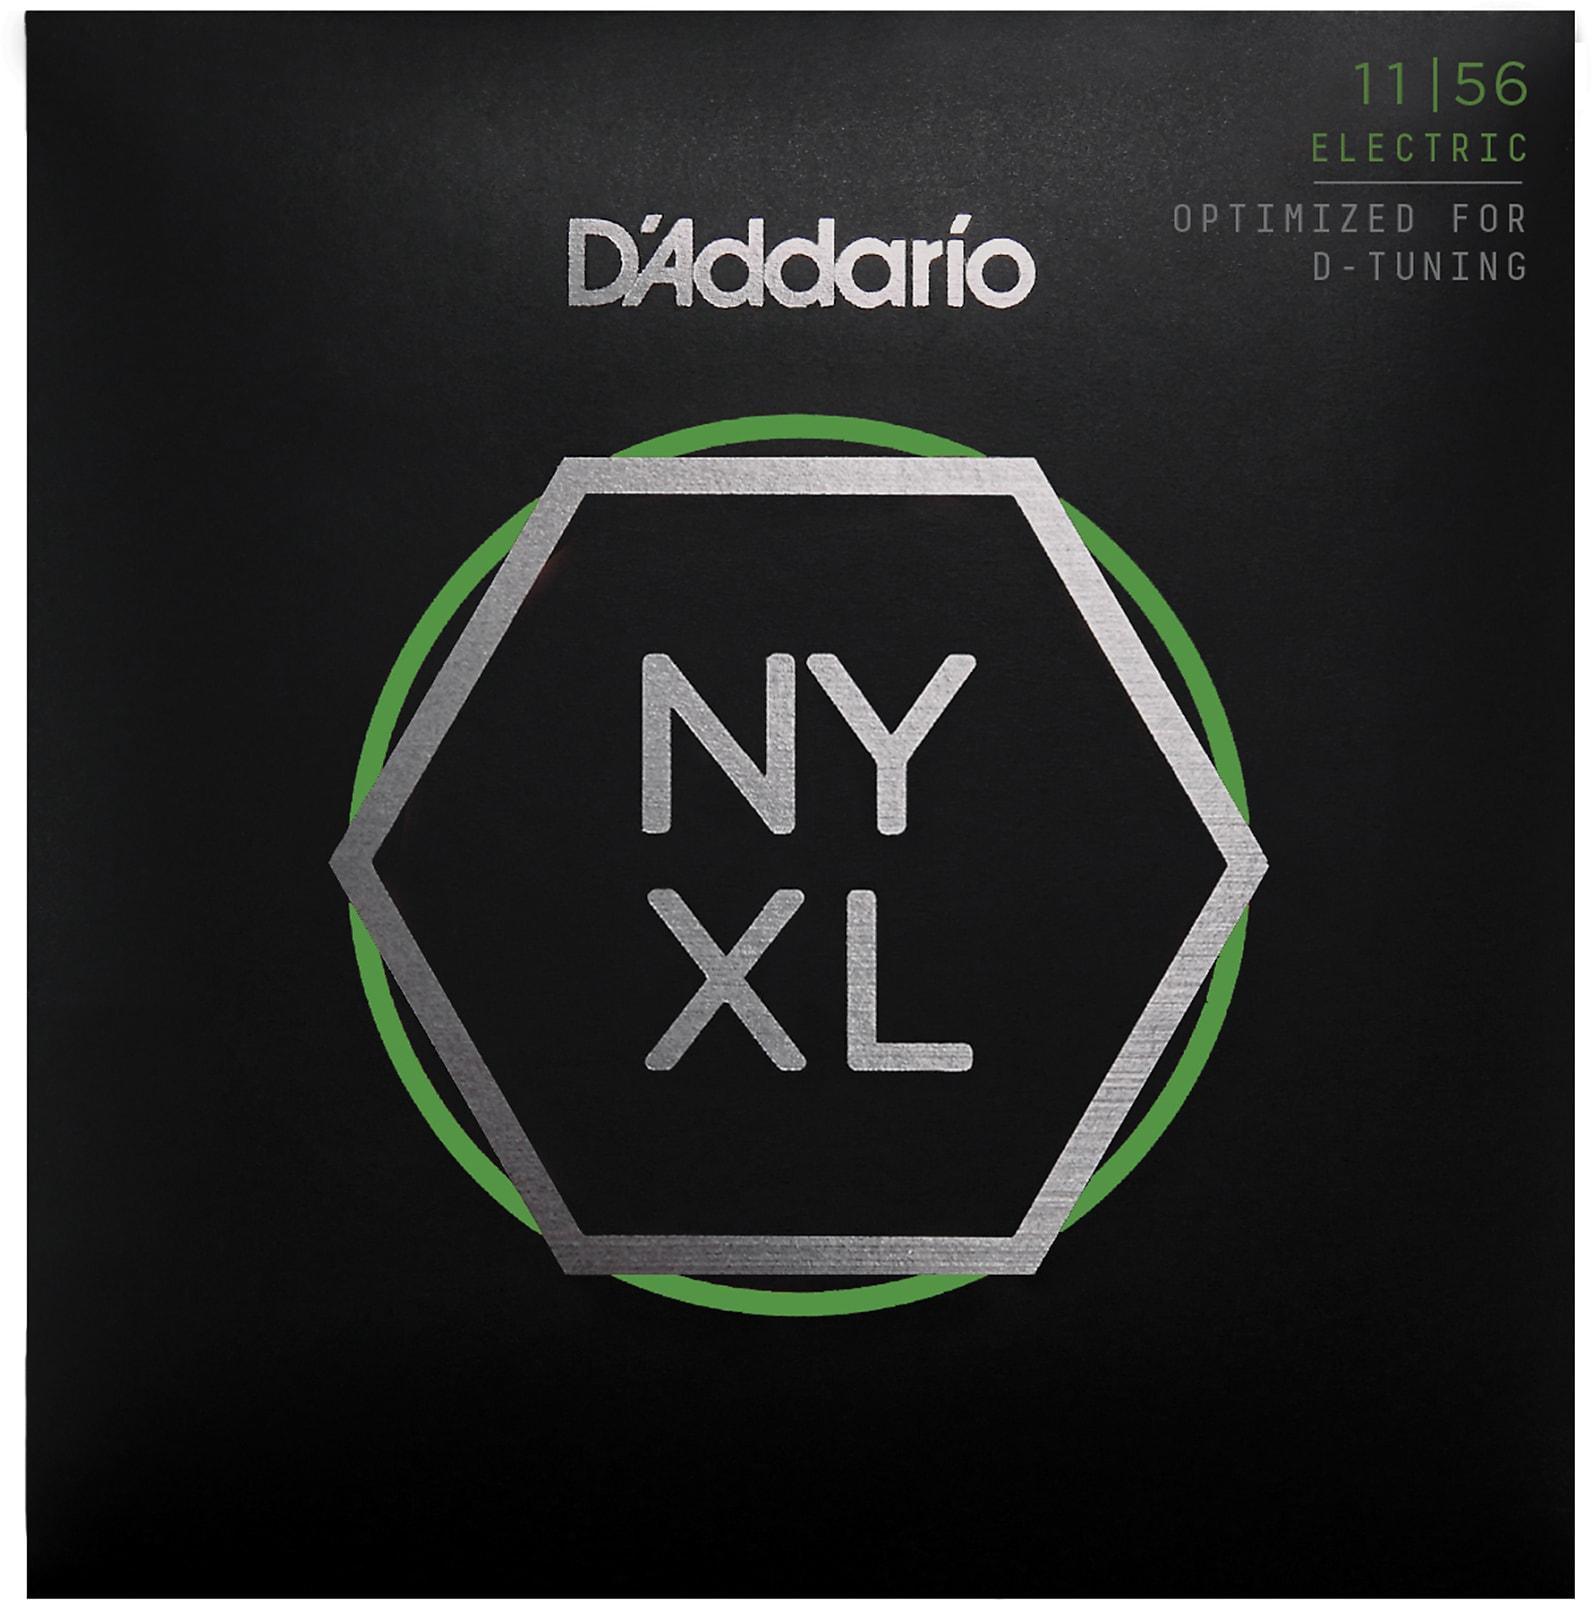 D'Addario NYXL1156 Nickel Wound Electric Guitar Strings, Medium Top / Extra-Hea